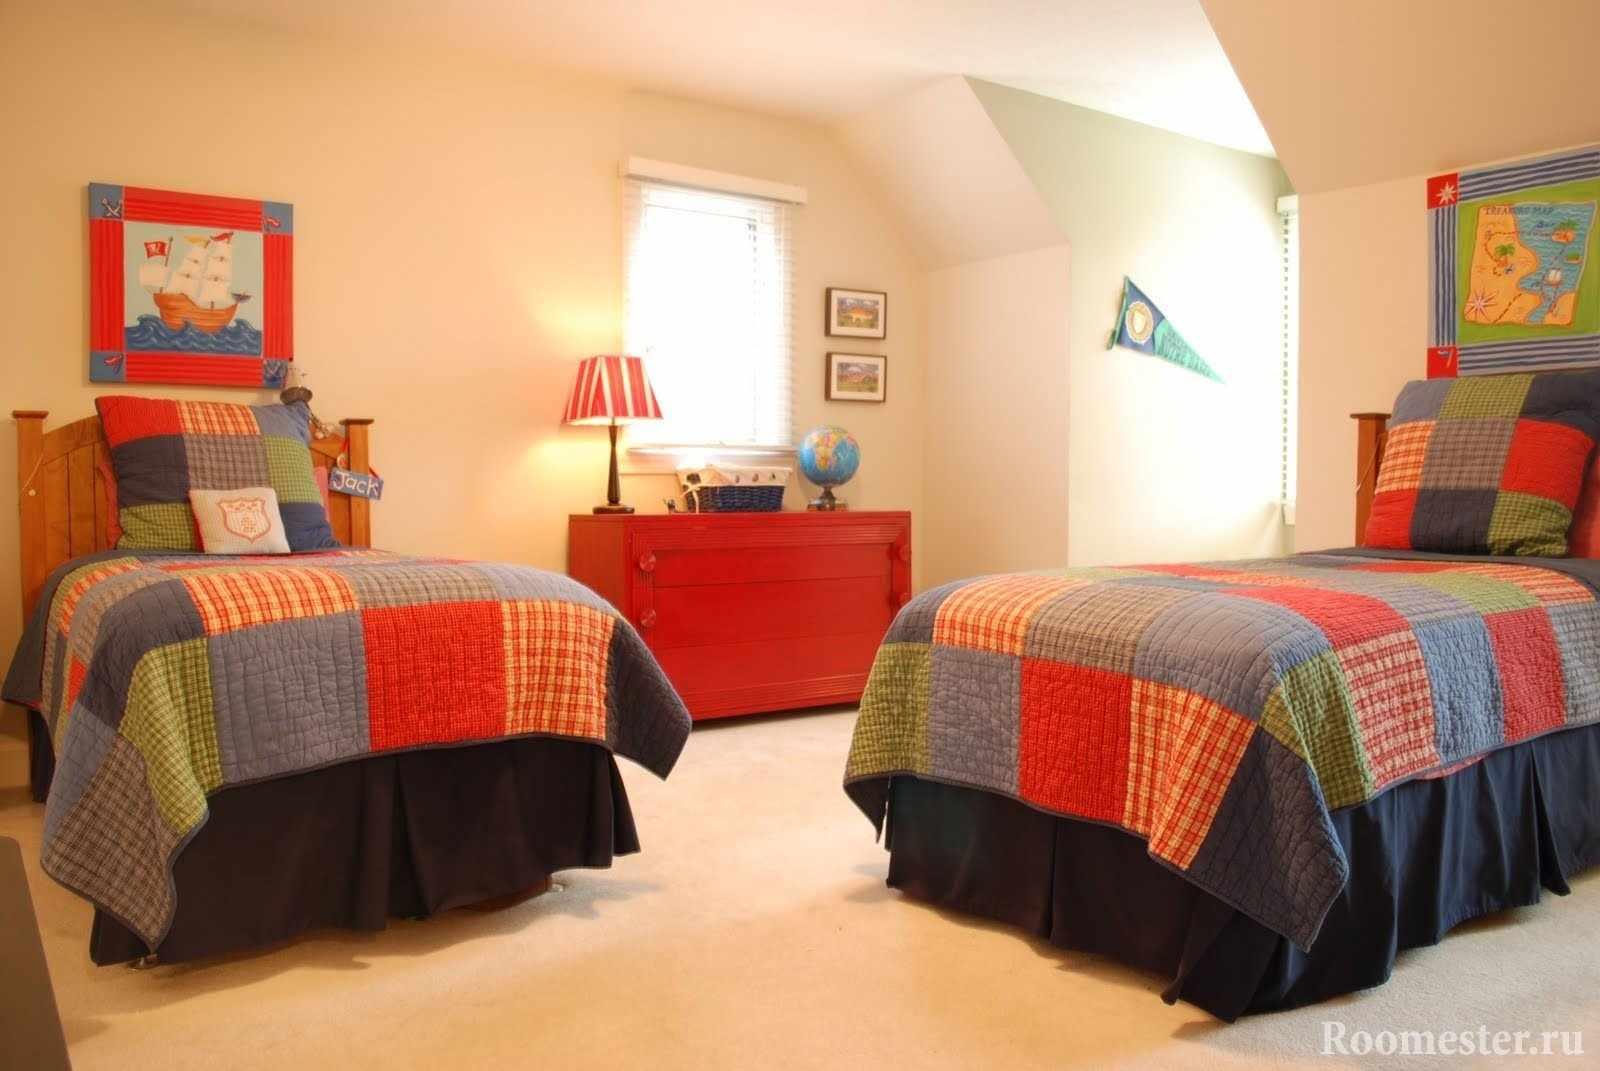 Расположение кроватей